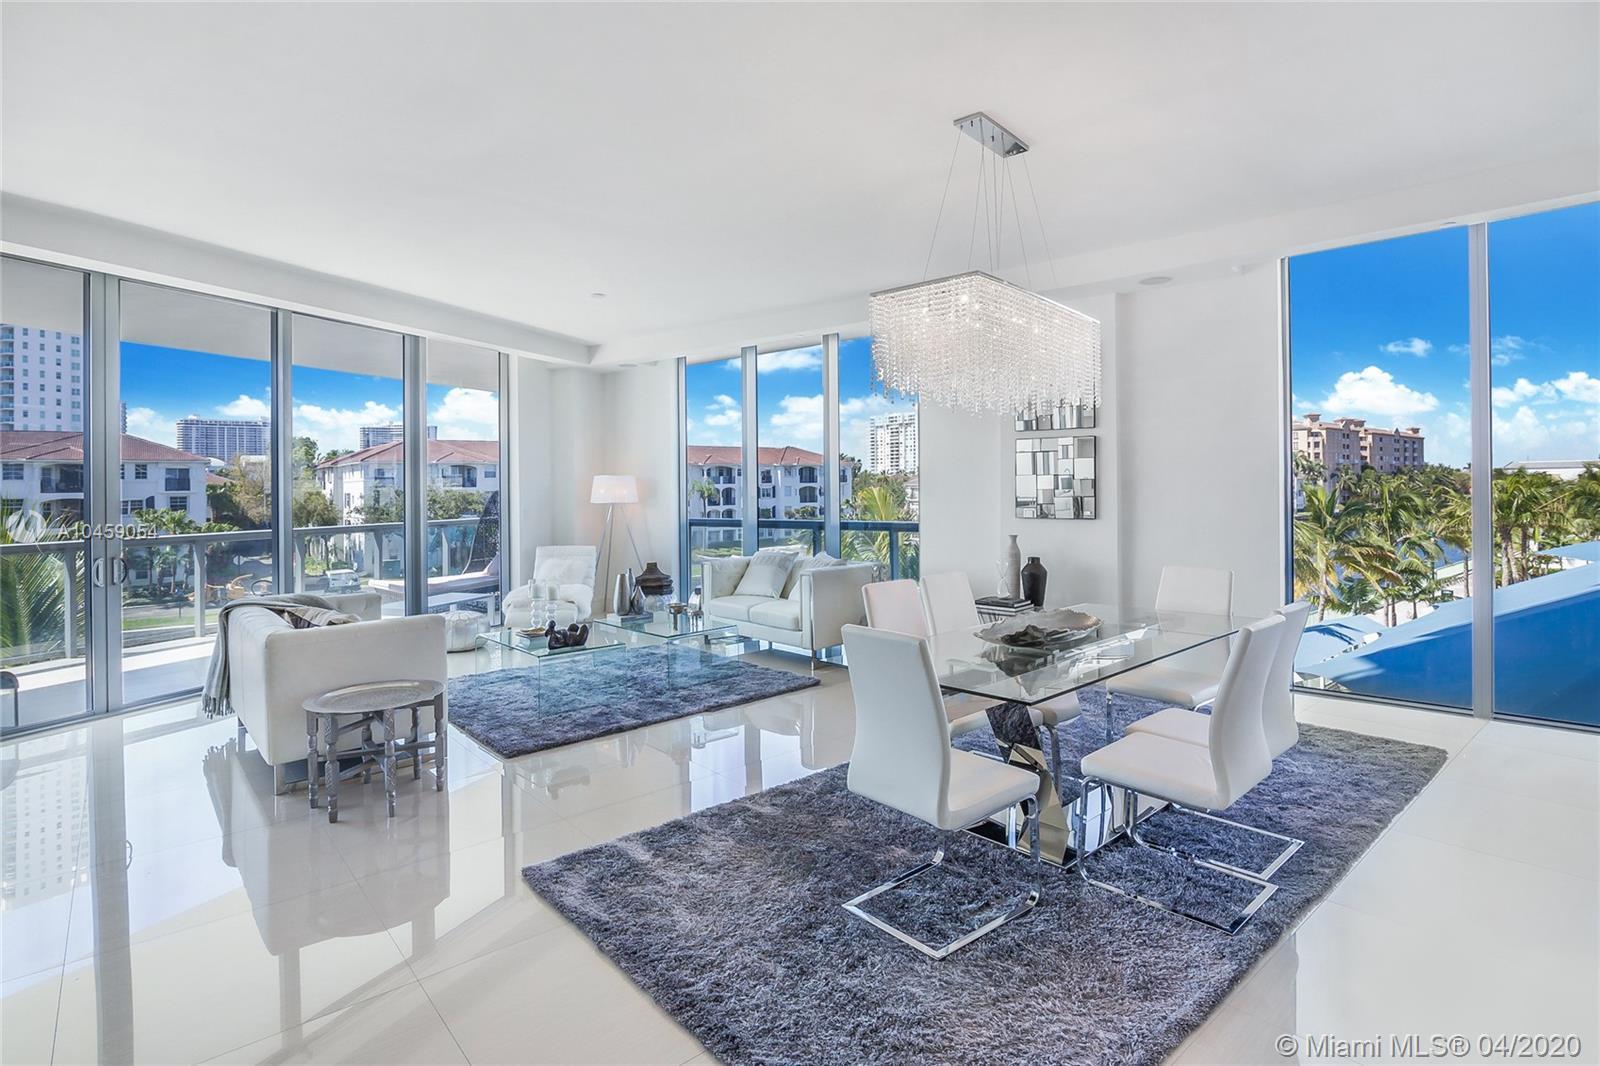 3250 NE 188 St #201, Aventura, FL 33180 - Aventura, FL real estate listing